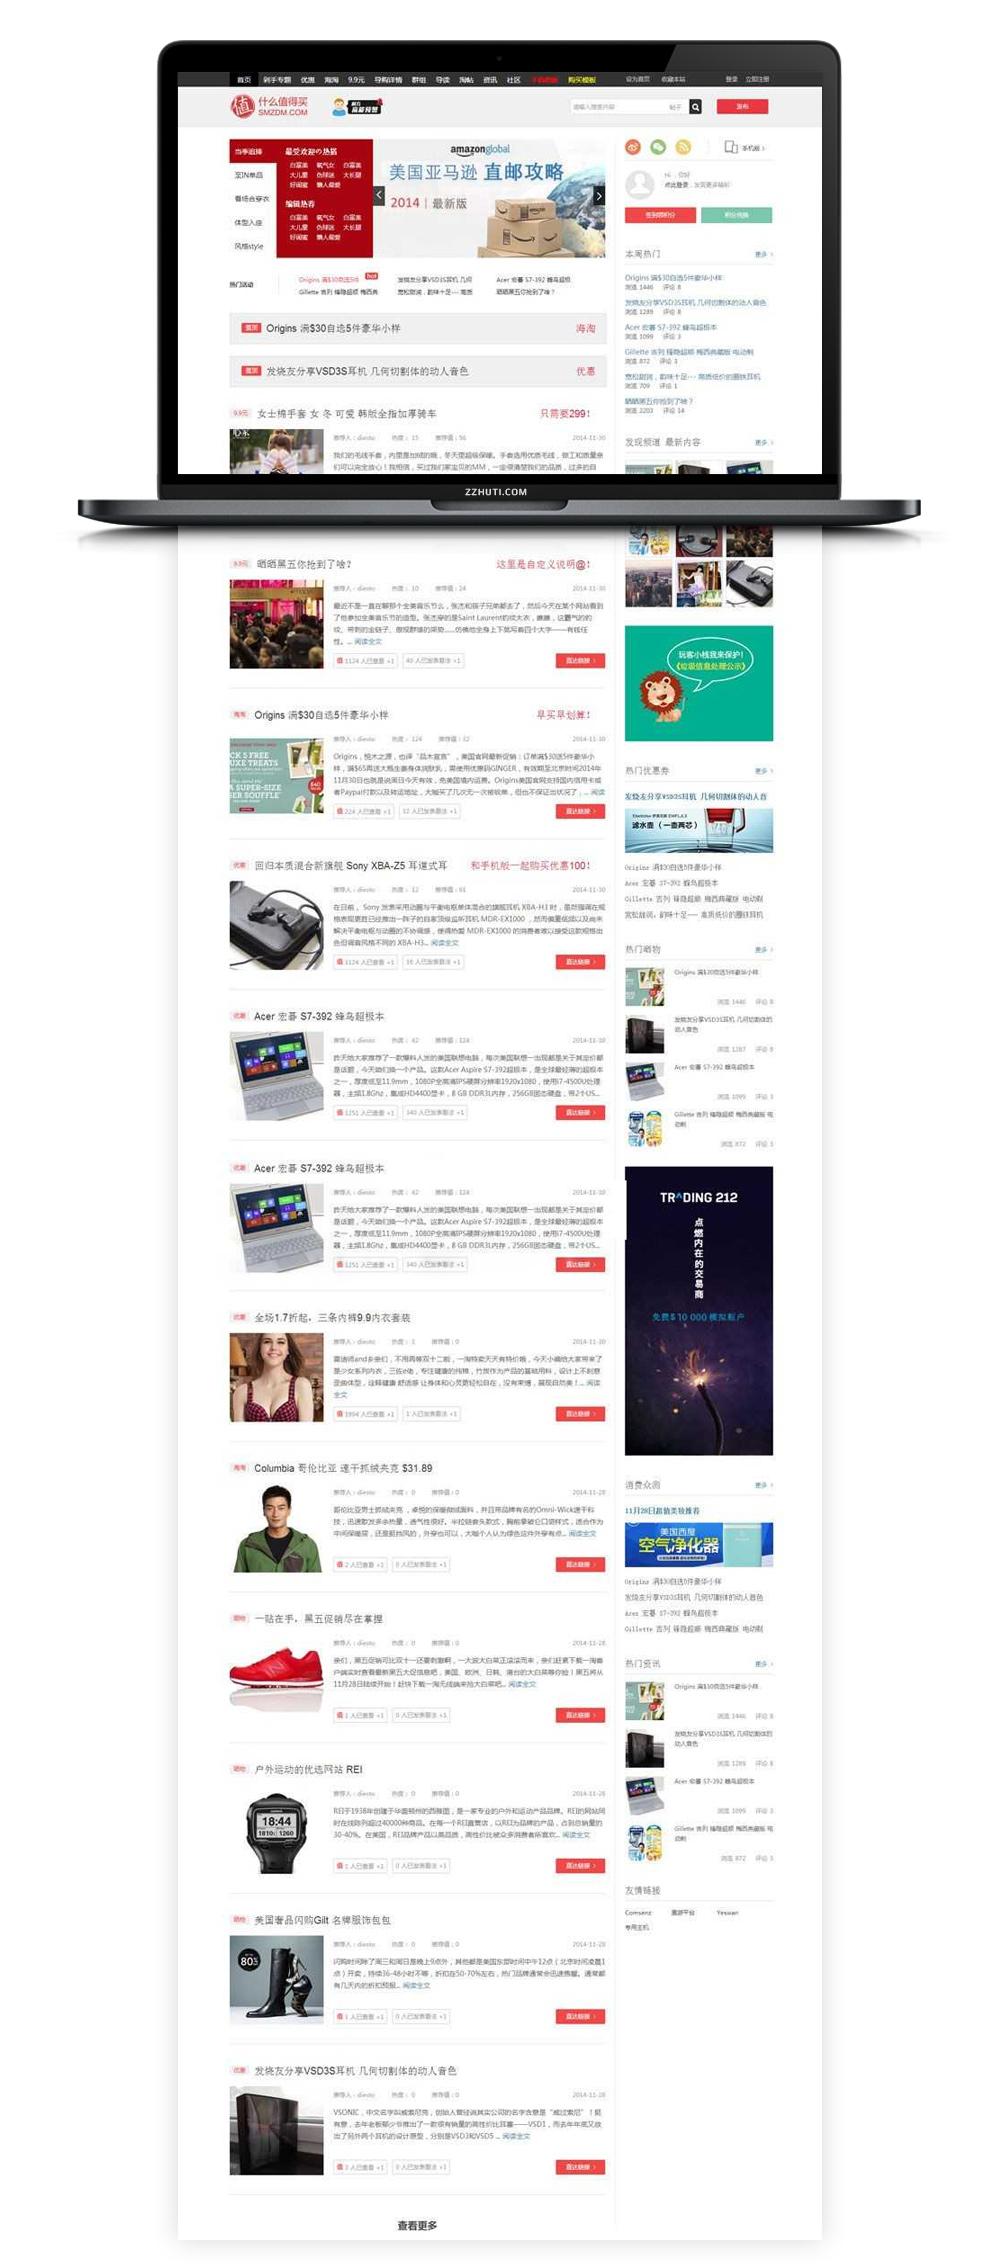 鹤云资源博客-【Discuz淘客模板】导购淘宝客Discuz x3.2模板,商业版模板插图